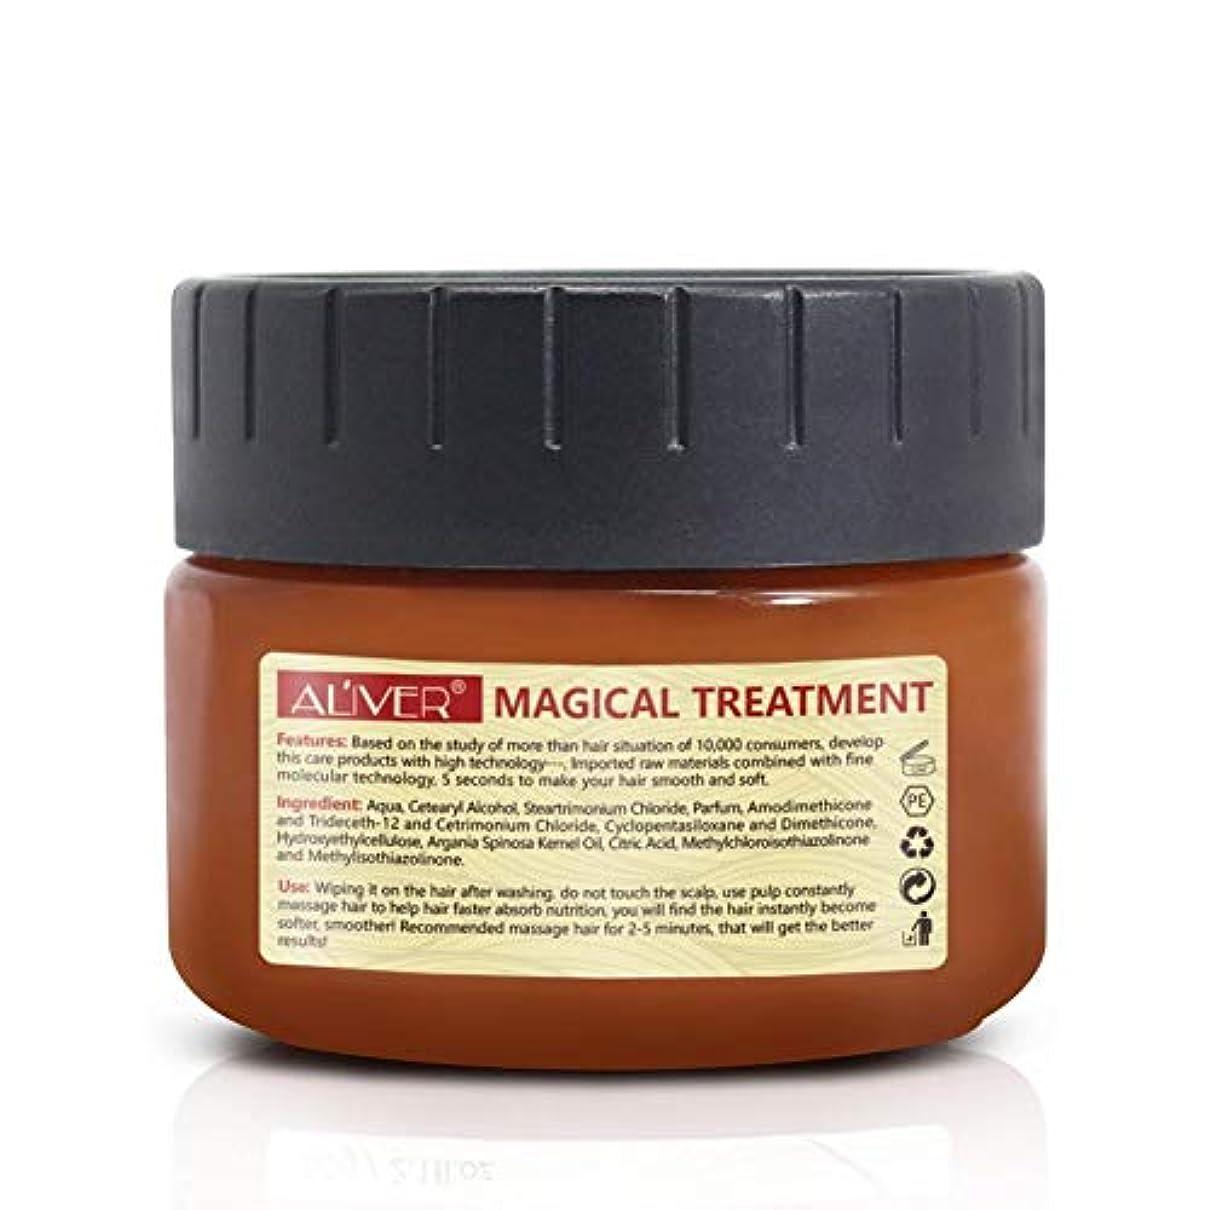 確かなストライプ悲劇BETTER YOU (ベター ュー) ディープリペアマスク、髪に栄養を与え、乾燥を防ぎ、傷んだ髪を修復し、オイルをコントロールし、ふけを取り除きます